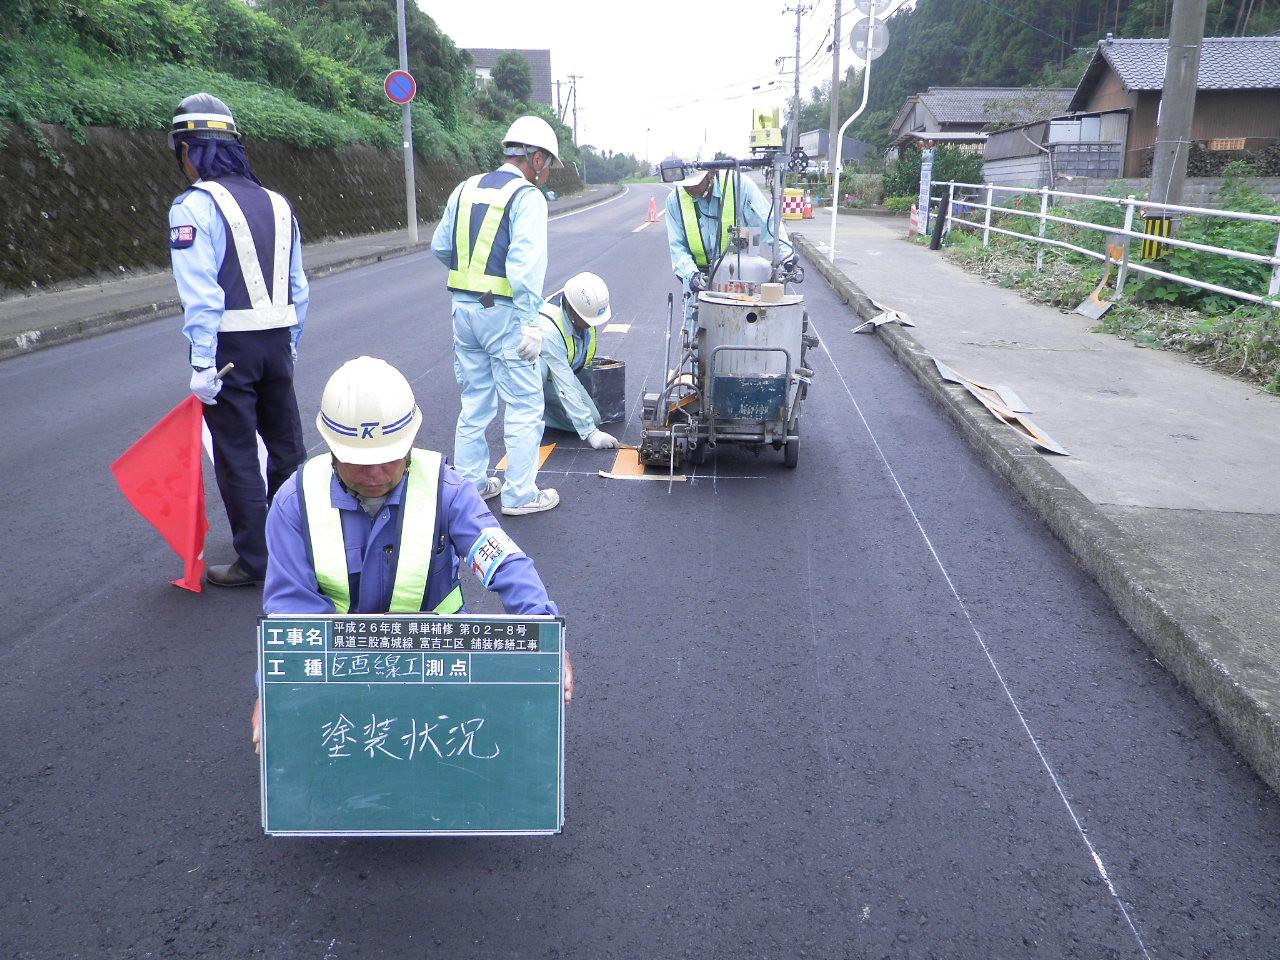 平成26年度  県単補修 第02-8号 県道三股高城線 富吉工区  舗装修繕工事